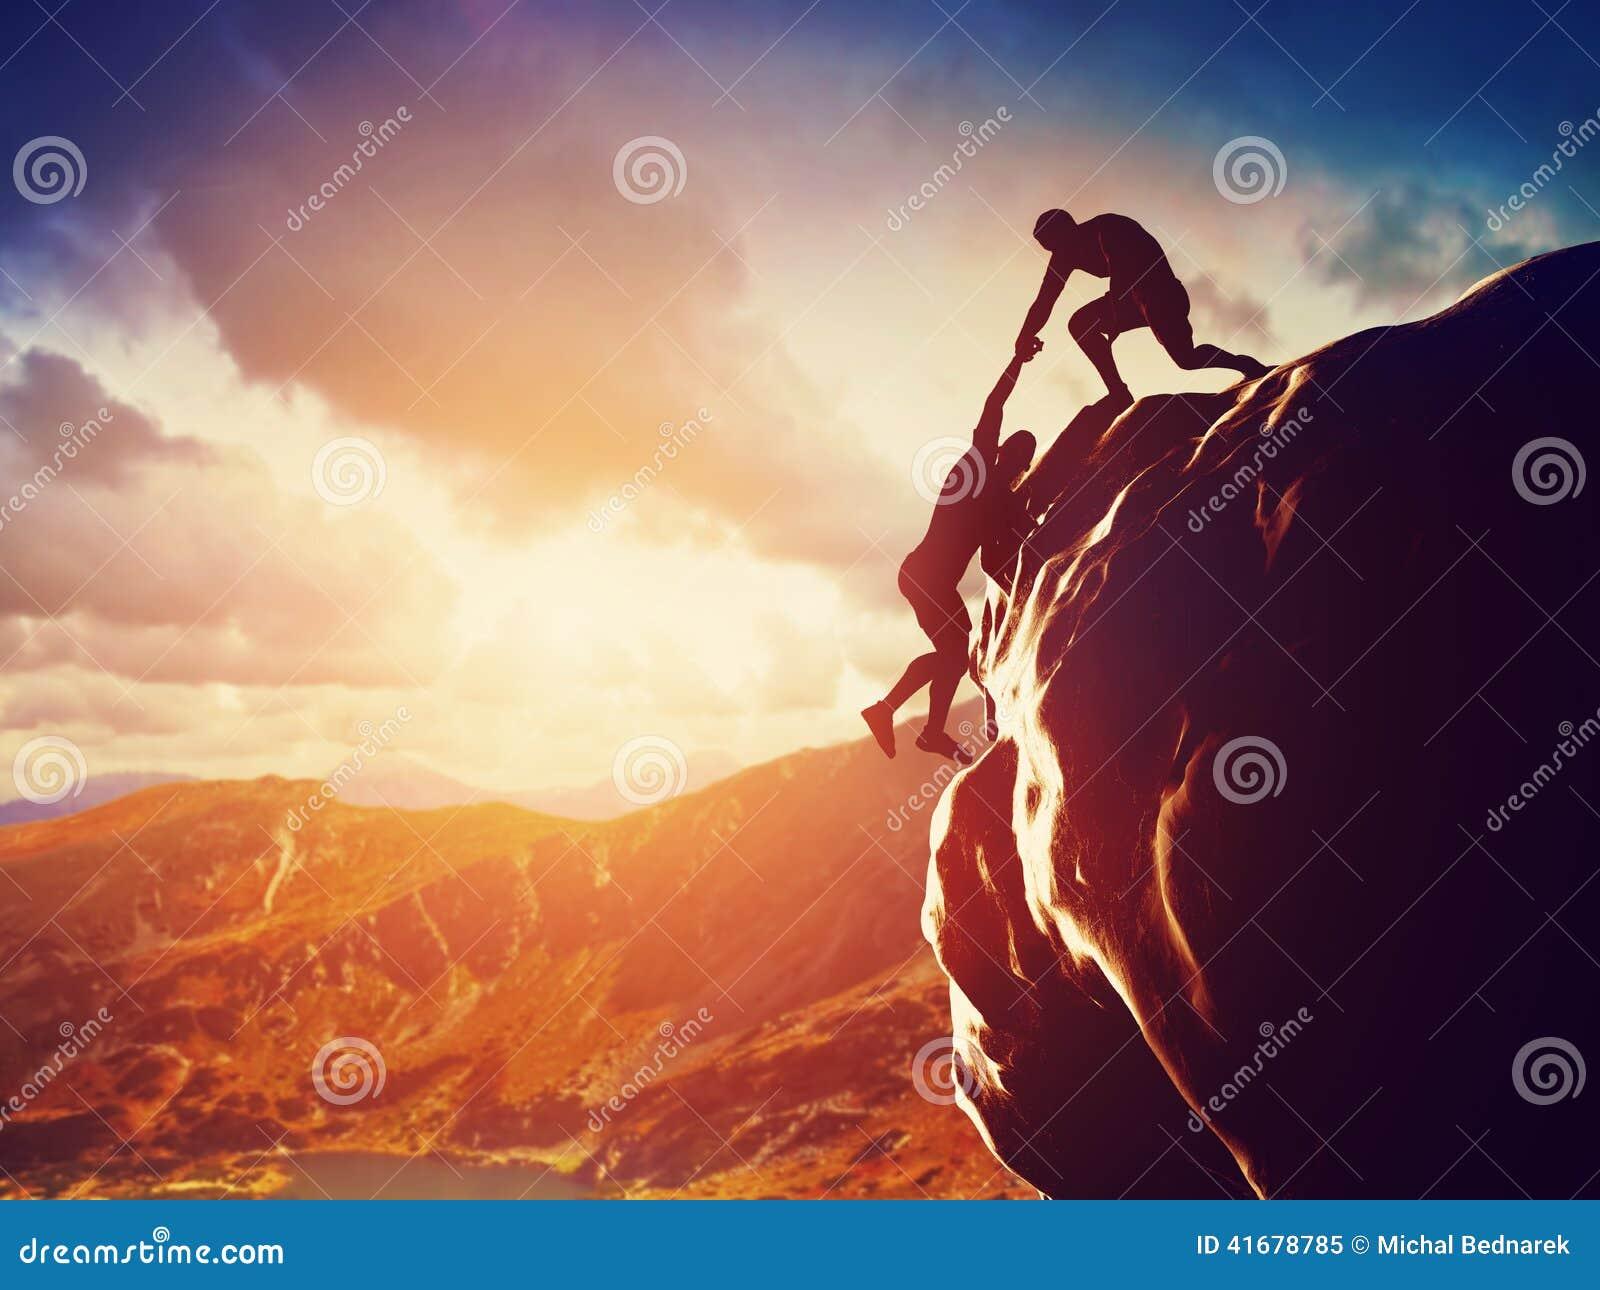 Hikers взбираясь на утесе, давая руку и помогая взобраться